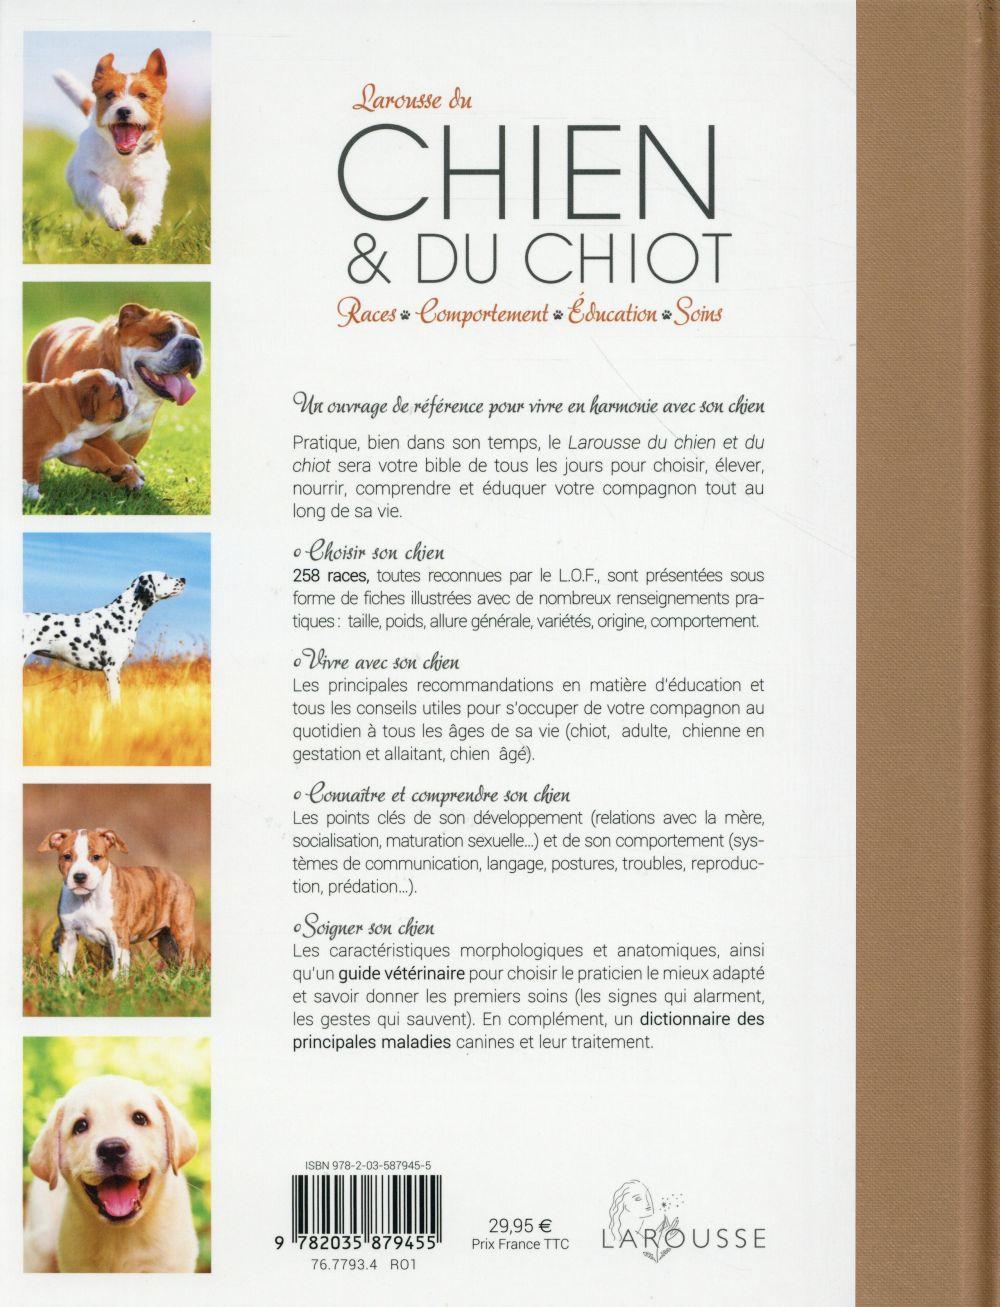 Larousse Du Chien Et Du Chiot Pierre Rousselet Blanc Larousse Grand Format Paroles St Mande